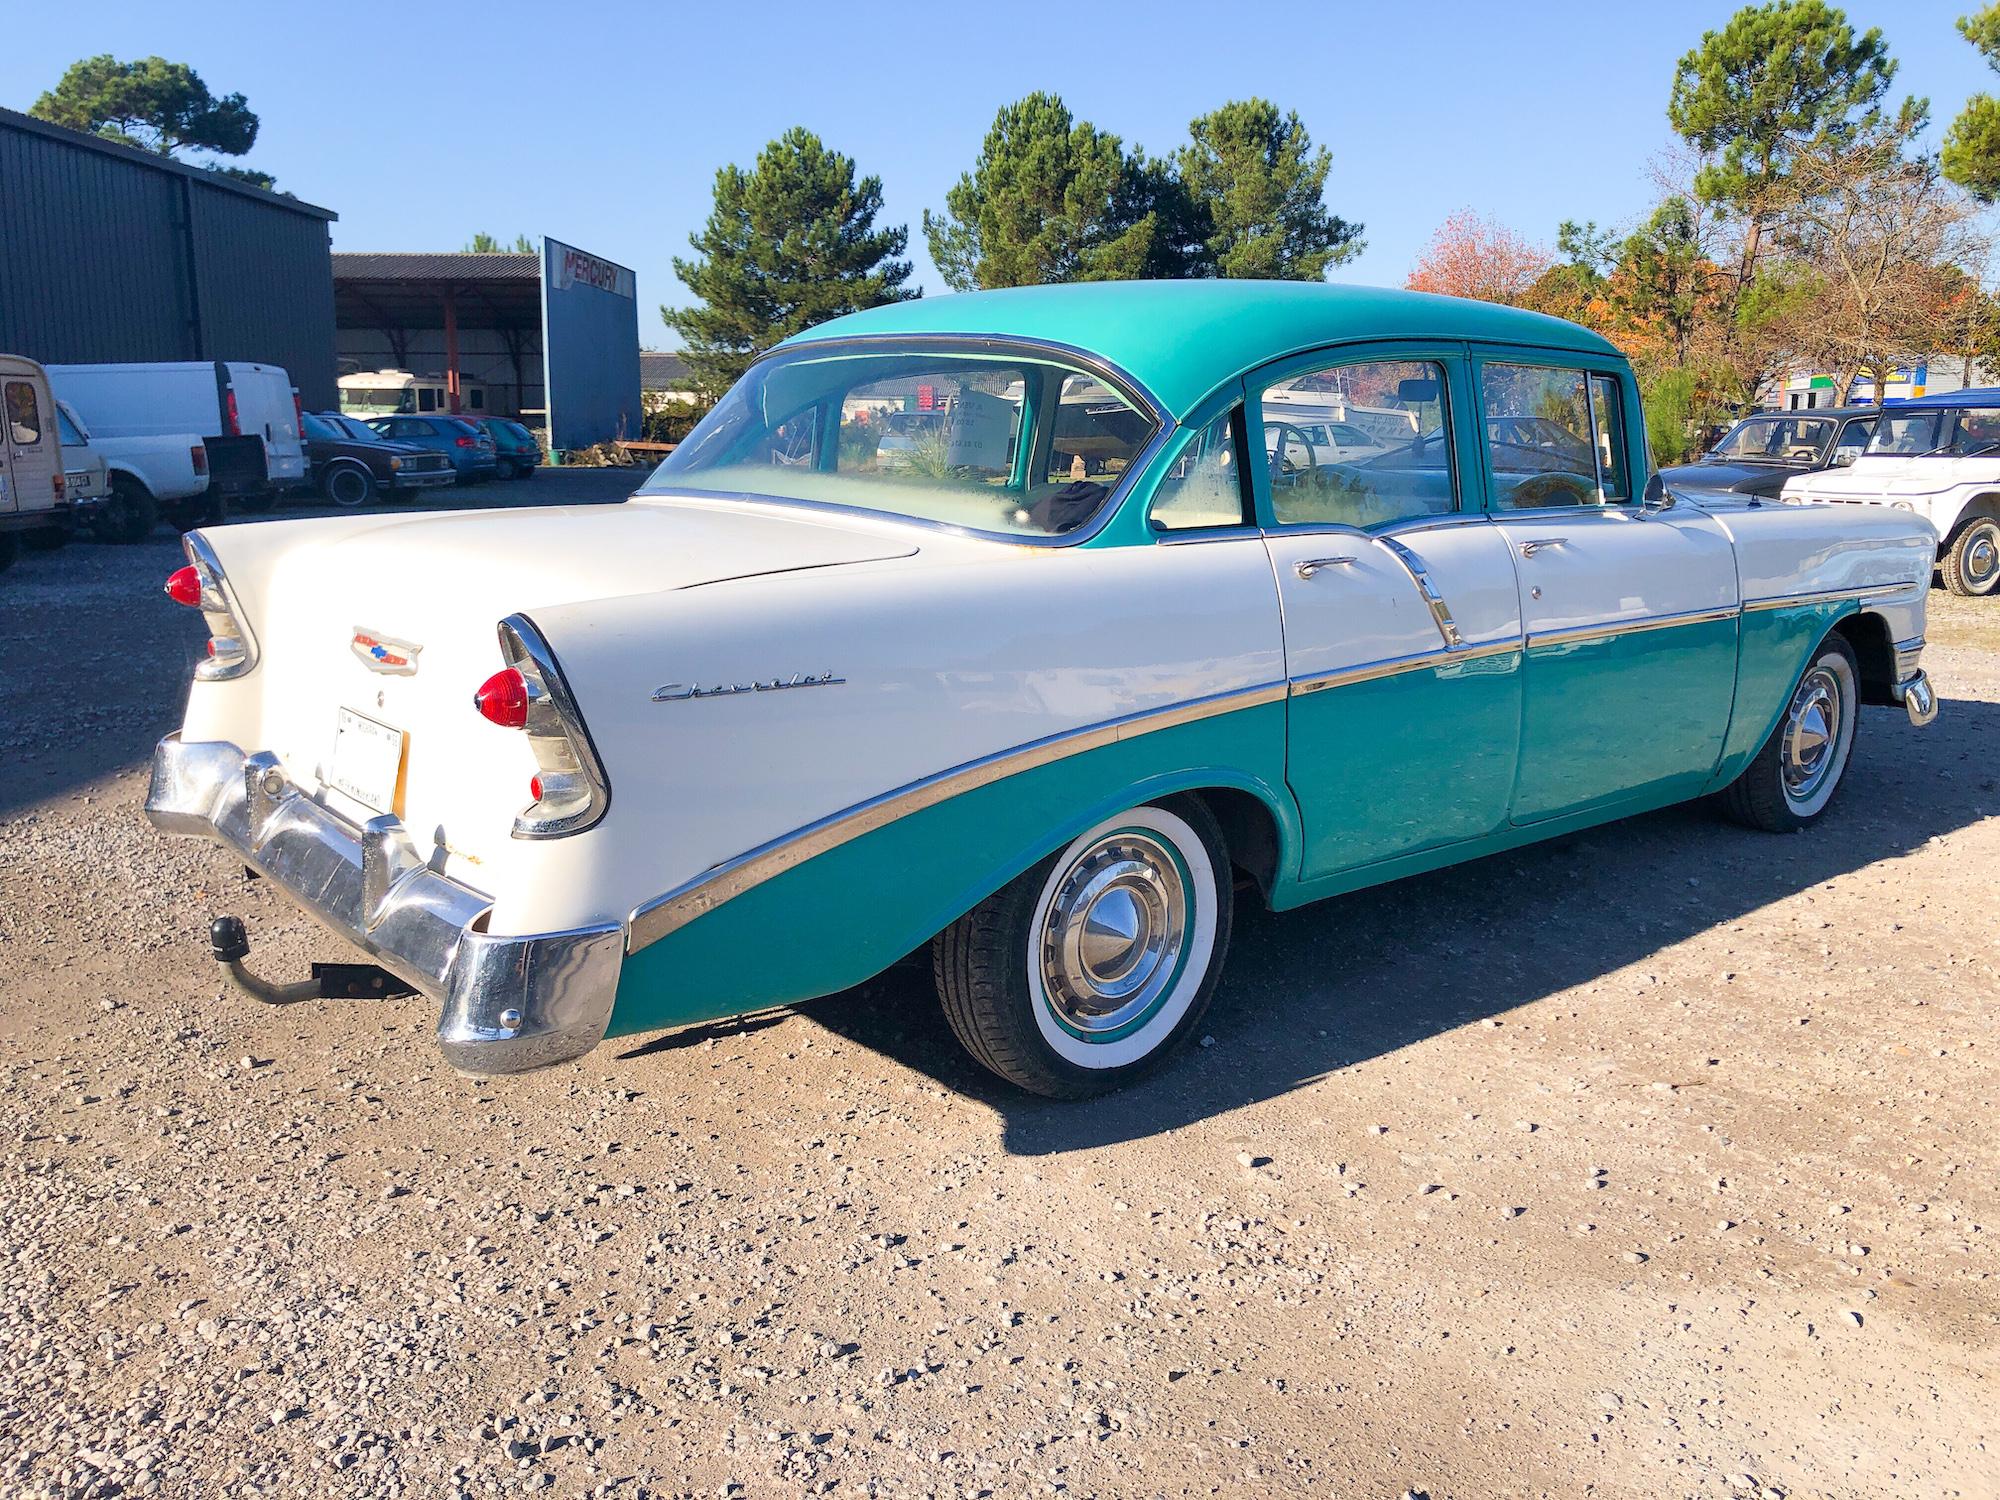 A vendre Chevrolet Bel Air de 1956 4 portes 6 places  6 cylindres à finir de restaurer